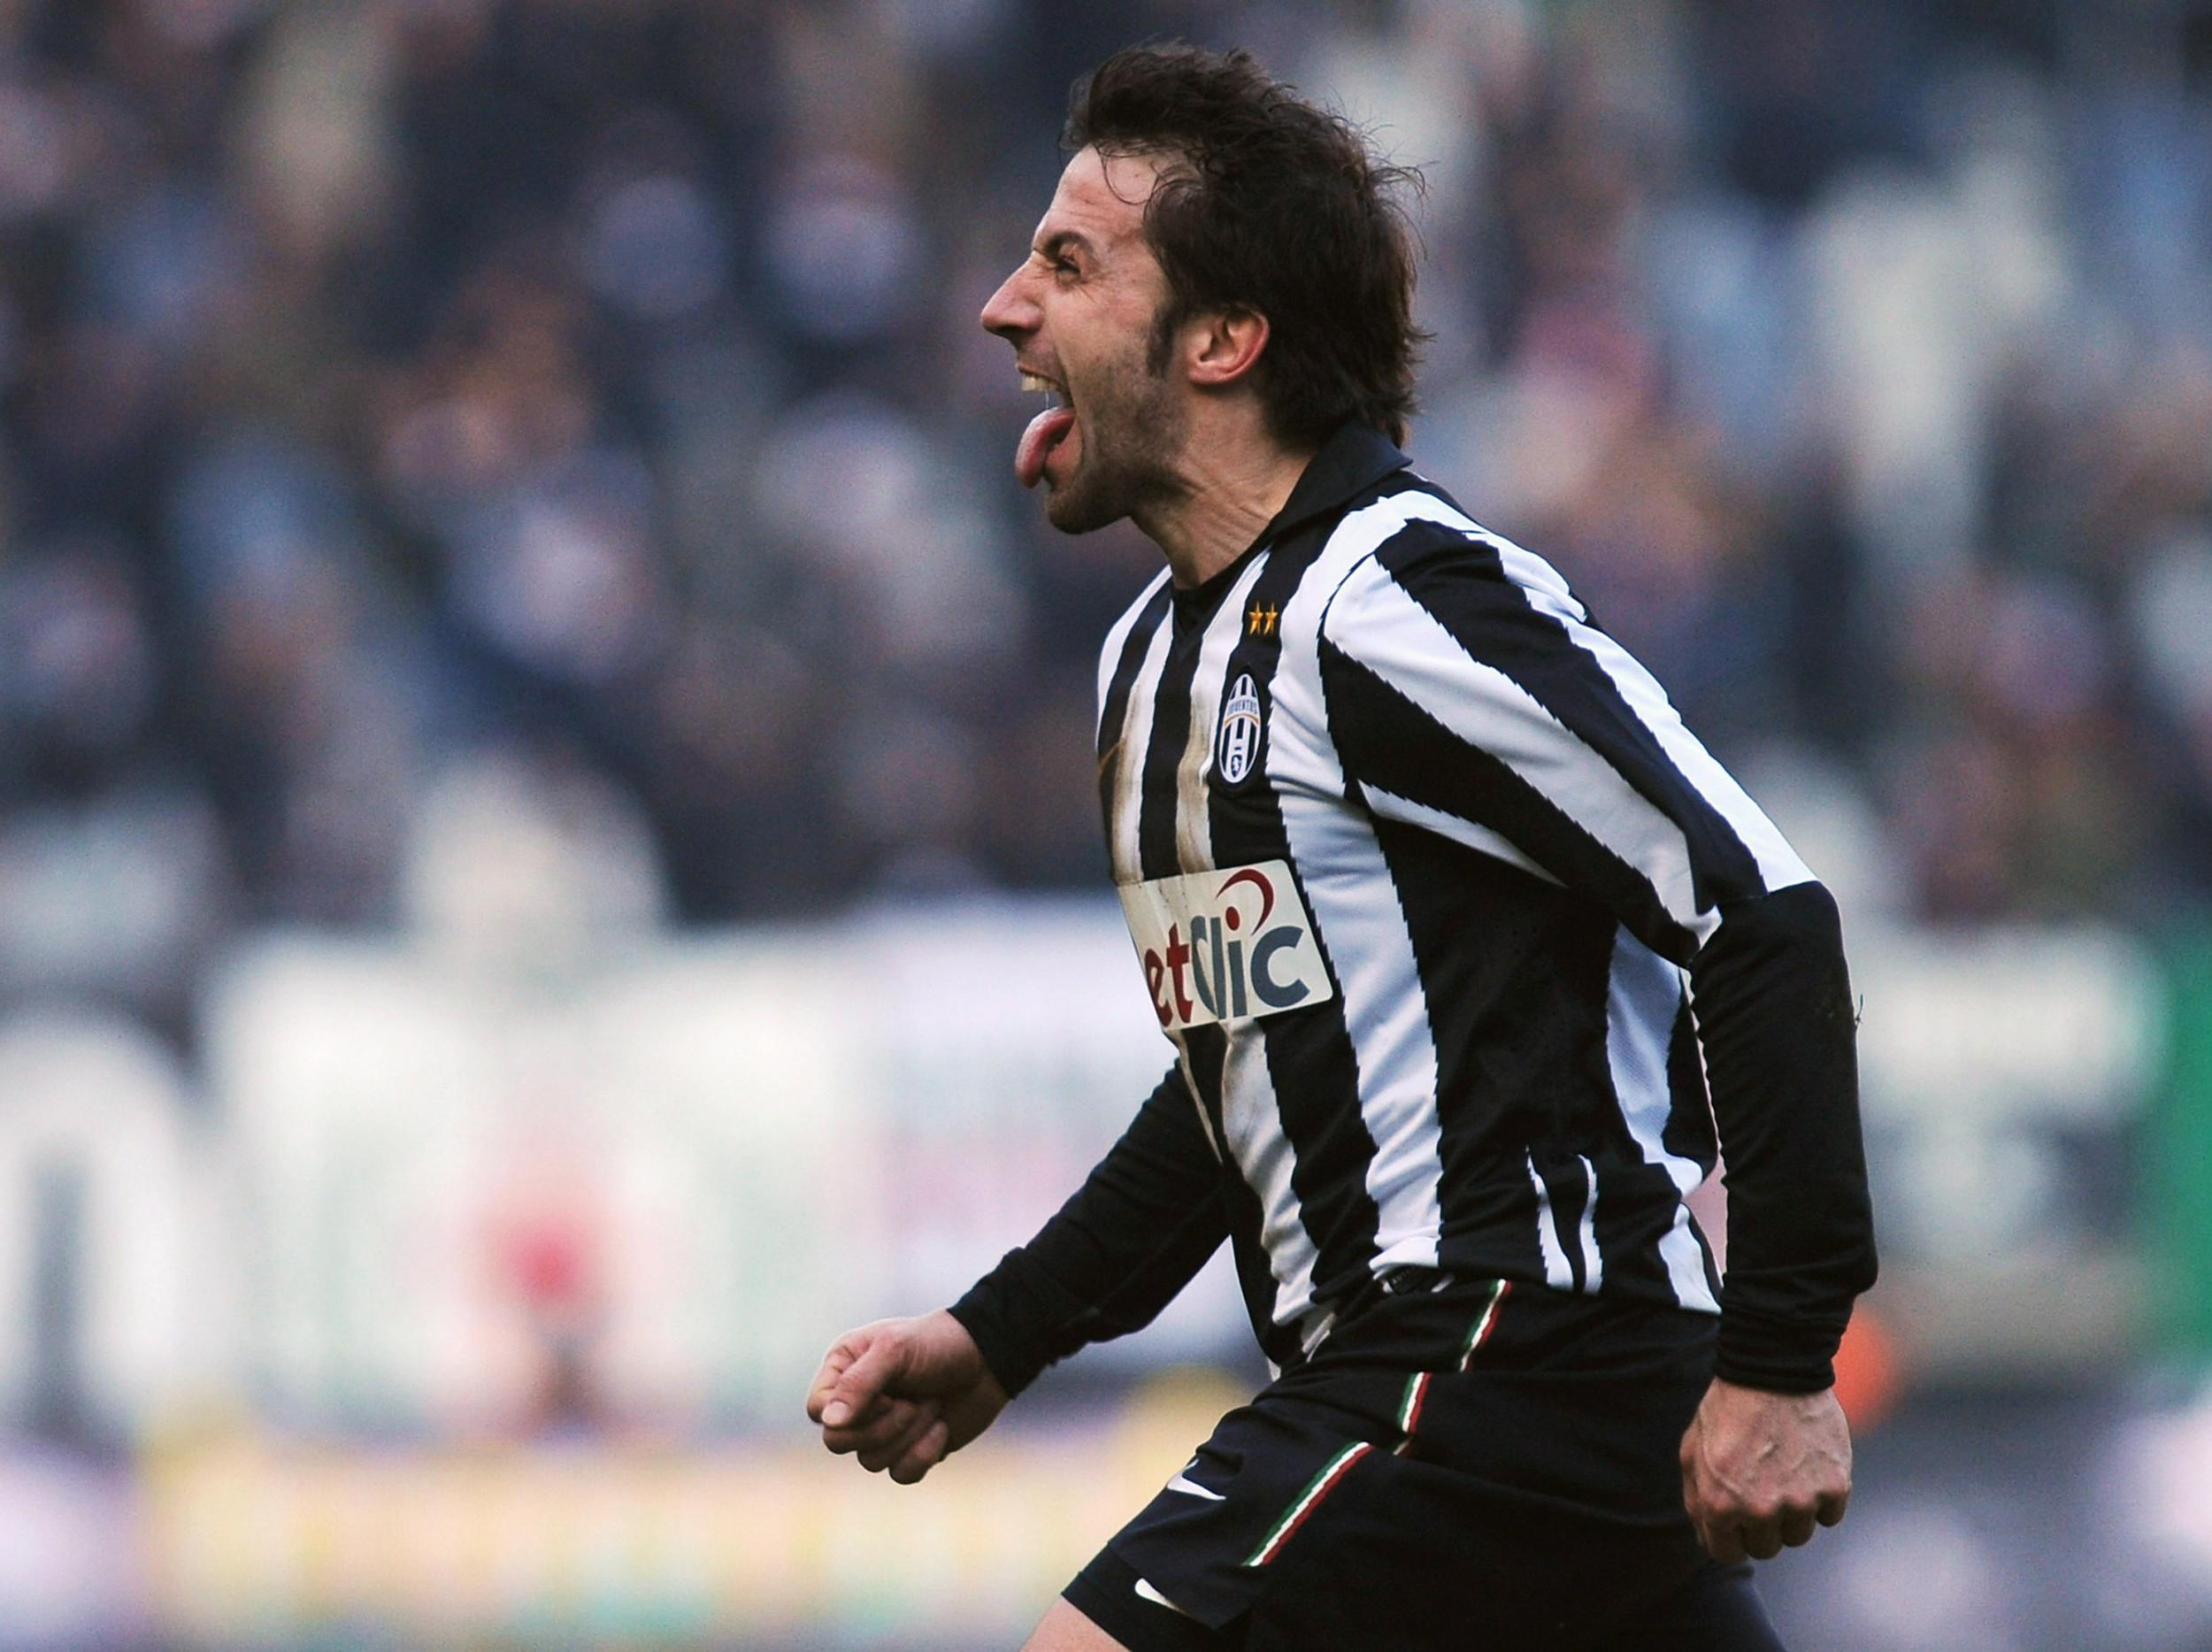 42. Alessandro Del Piero